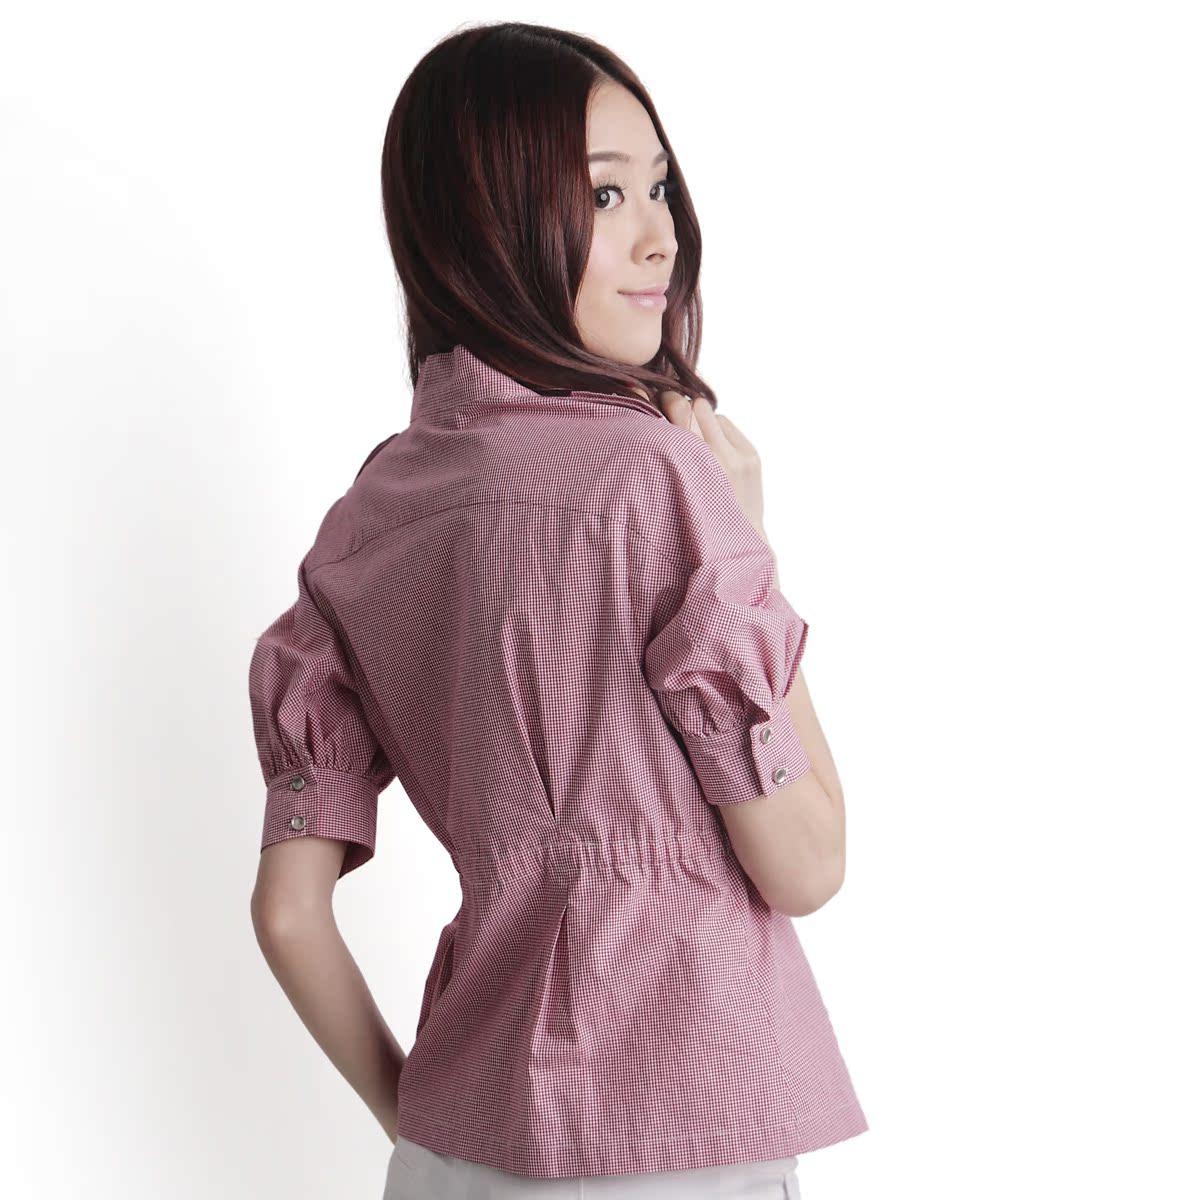 женская рубашка OSA sc00303 2011 C00303 Повседневный В клетку Бантик бабочкой V-образный вырез